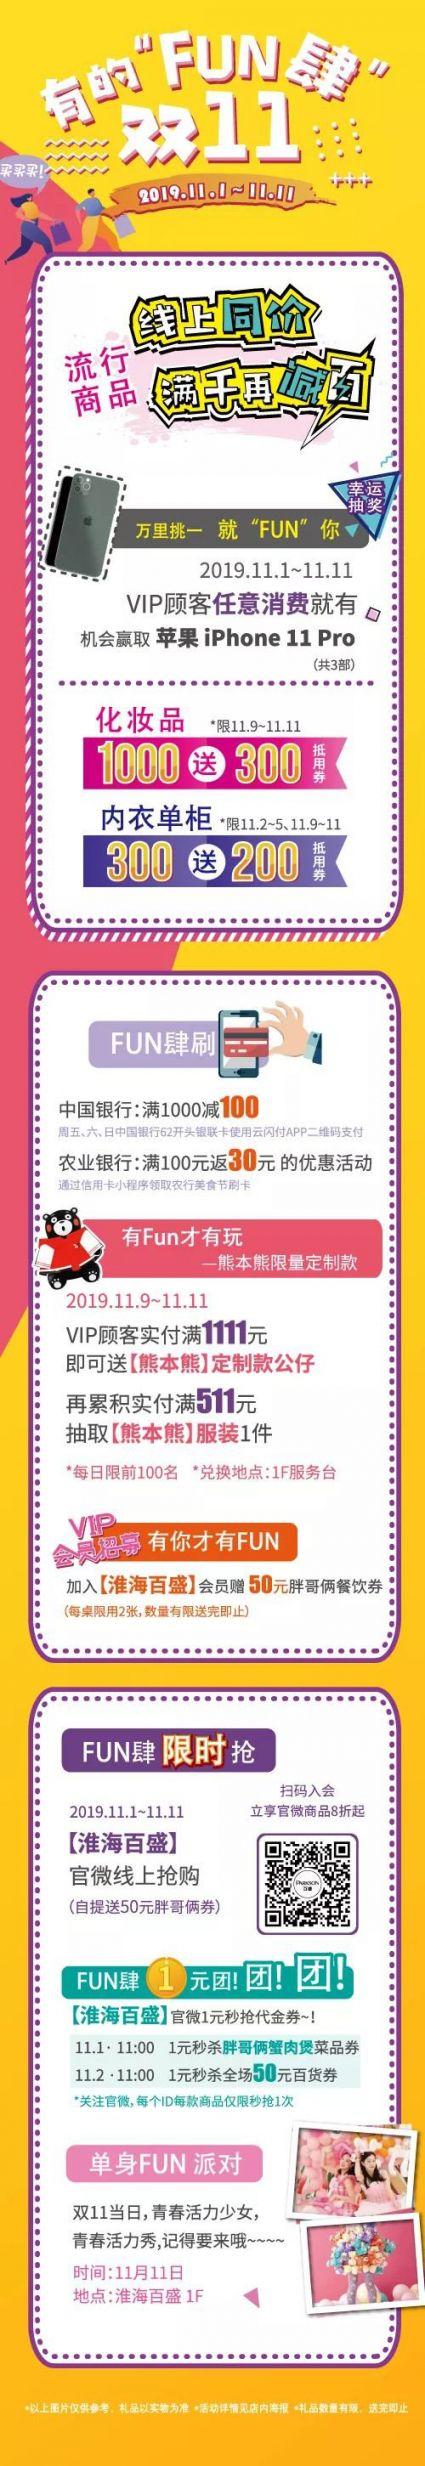 上海淮海百(bai)盛雙11瘋(feng)狂購 化妝品滿1000送300券